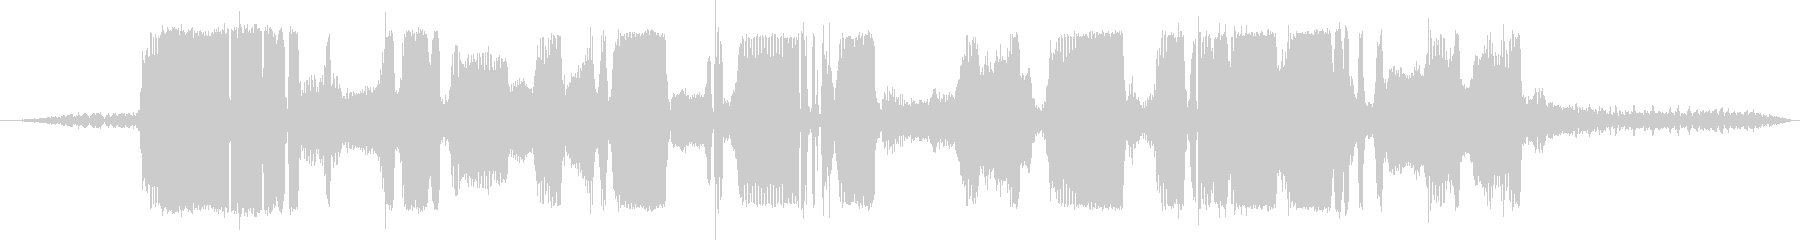 モンスタートラック:Ext:オンボ...の未再生の波形